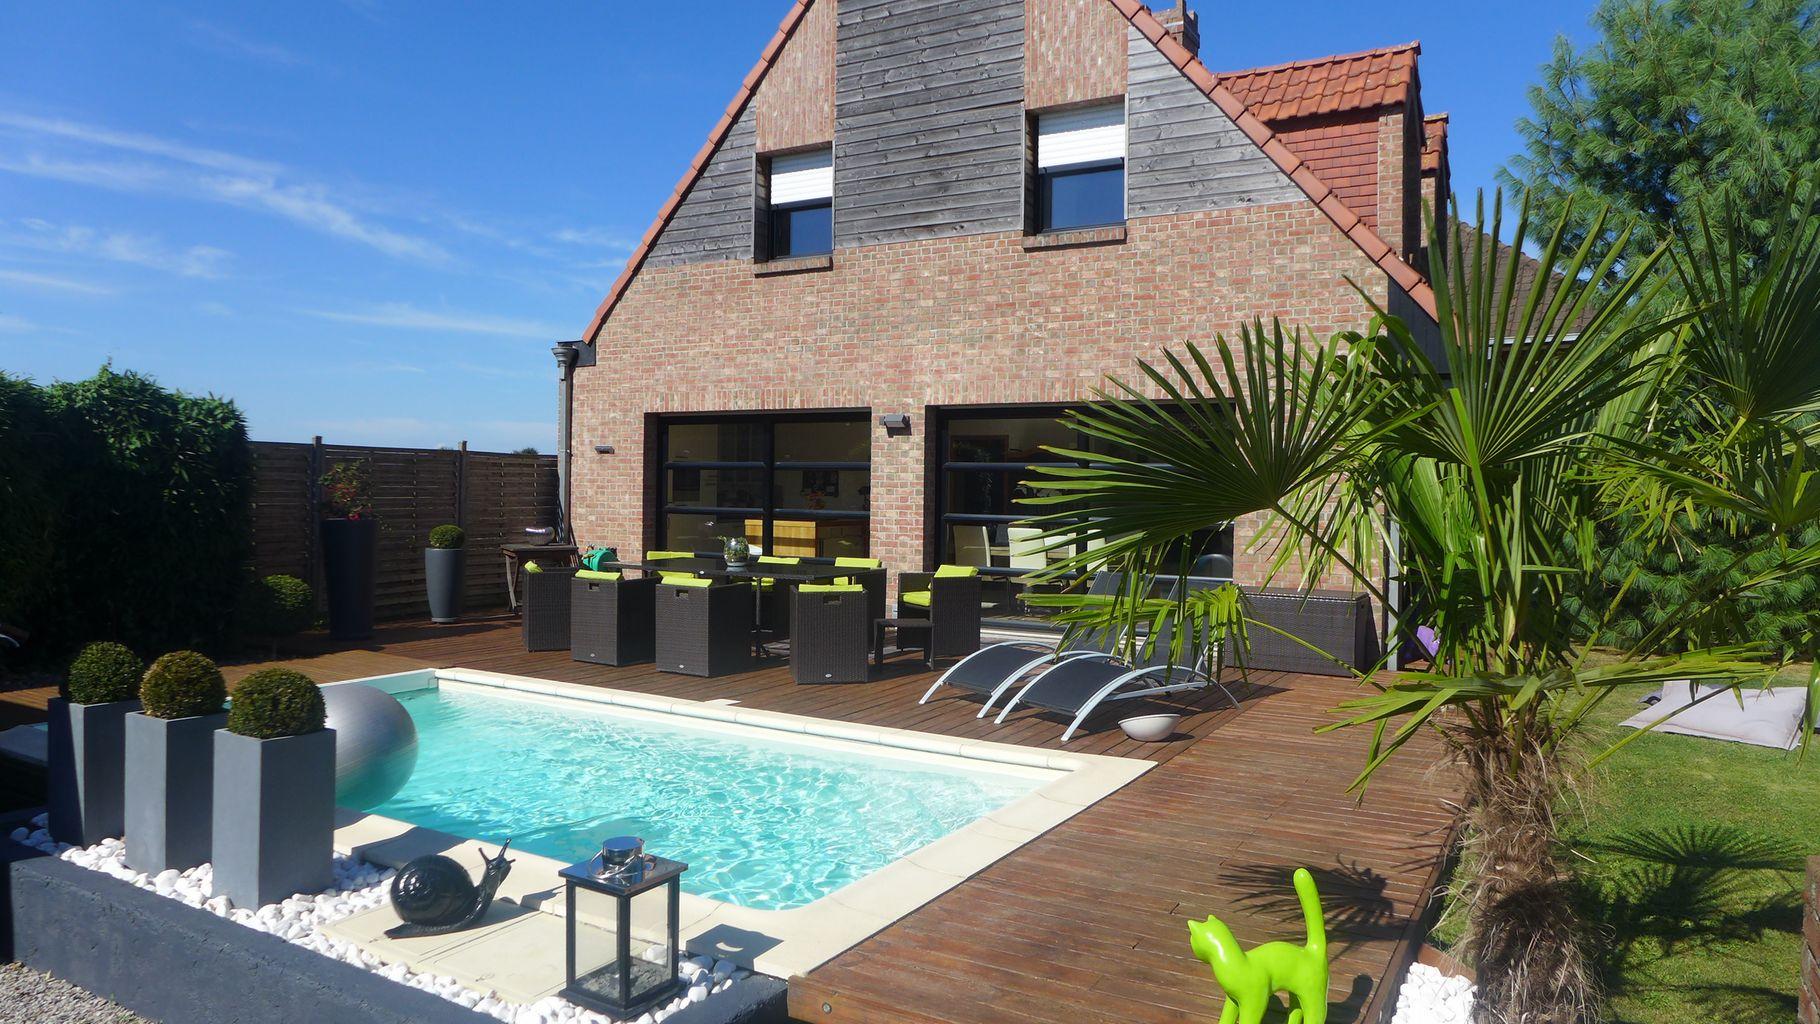 D co maison a louer avec jardin wasquehal 19 maison - Location maison avec jardin quimper colombes ...